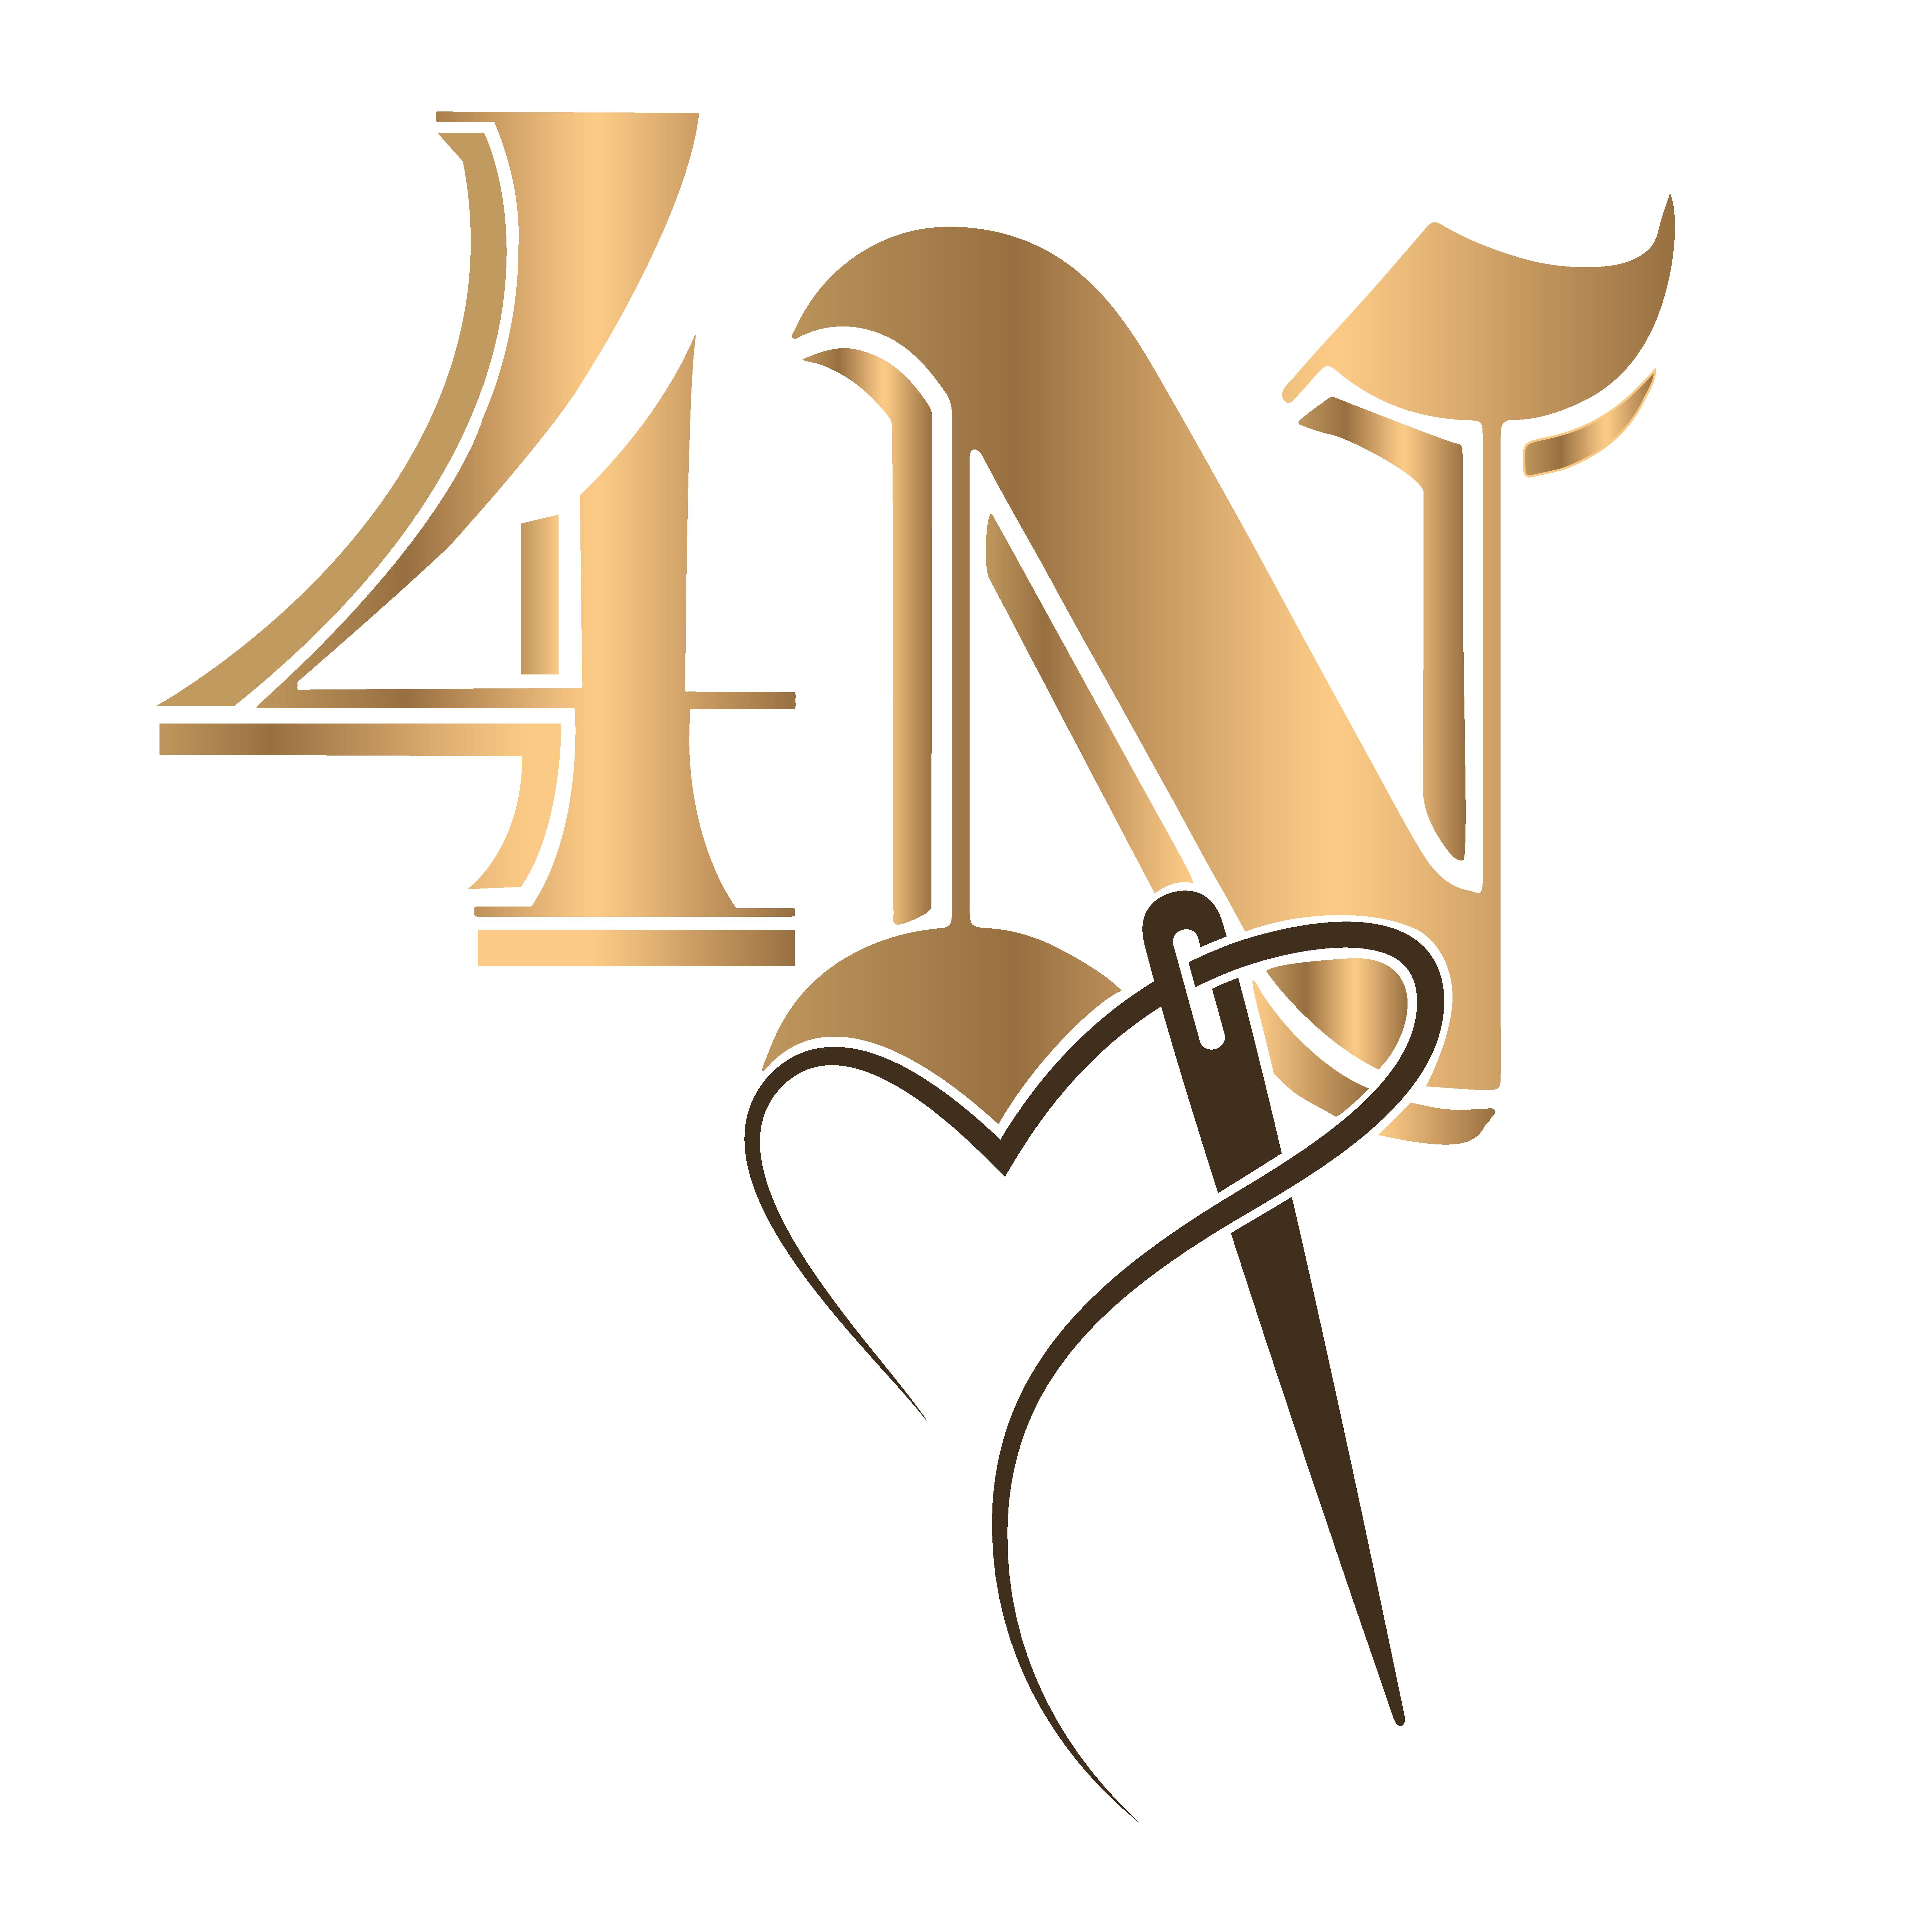 4N - Euer Stoffgeschäft in OPR-Logo